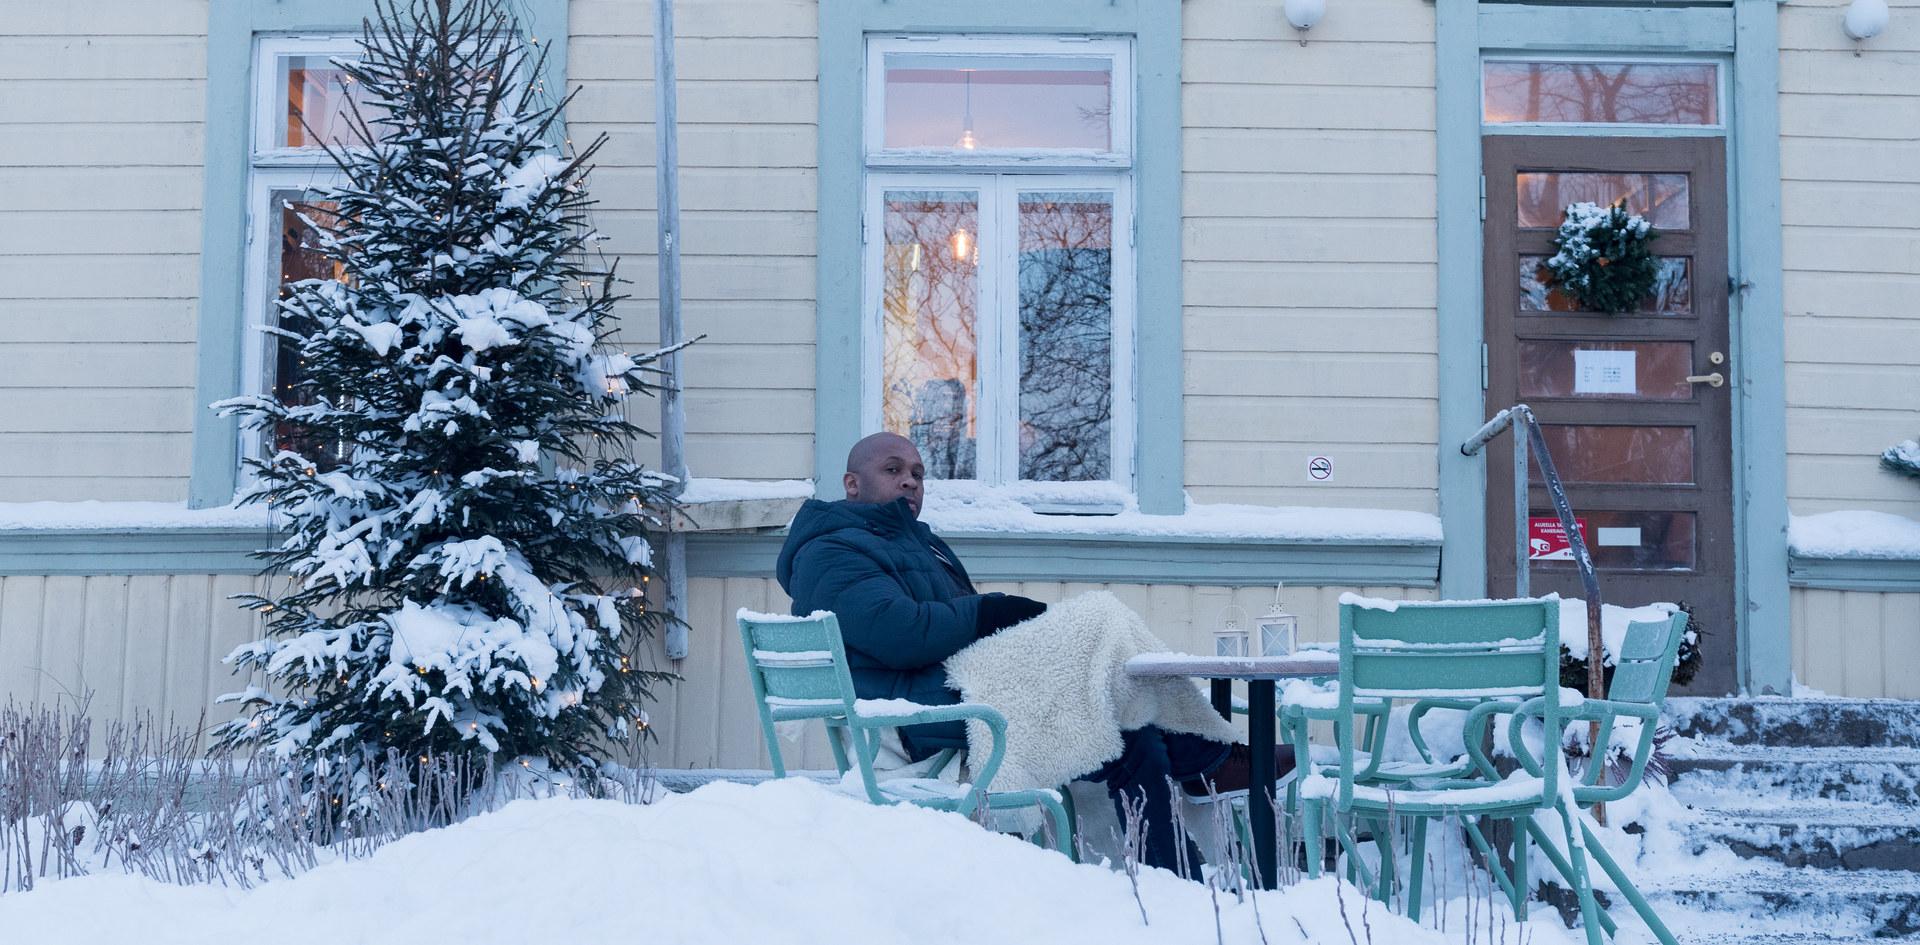 Suomenlinna Island, Finland